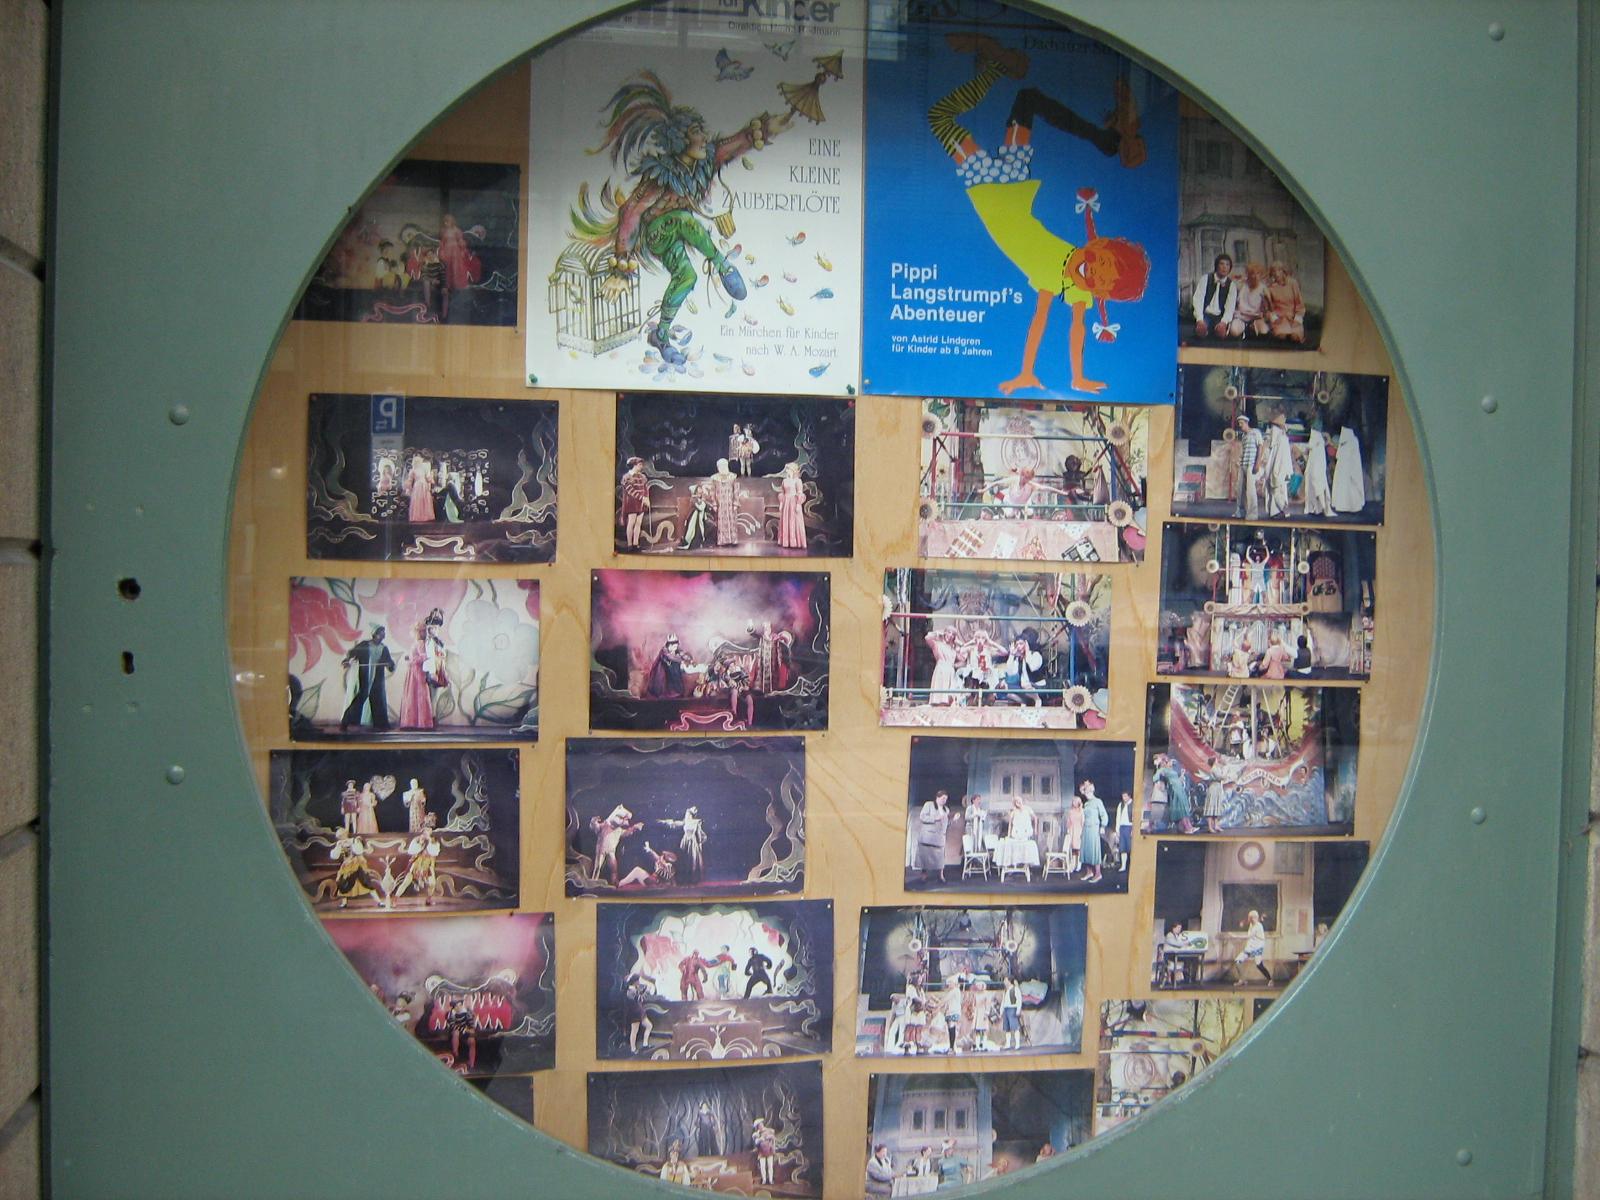 fotky z představení mnichovského divadla pro děti